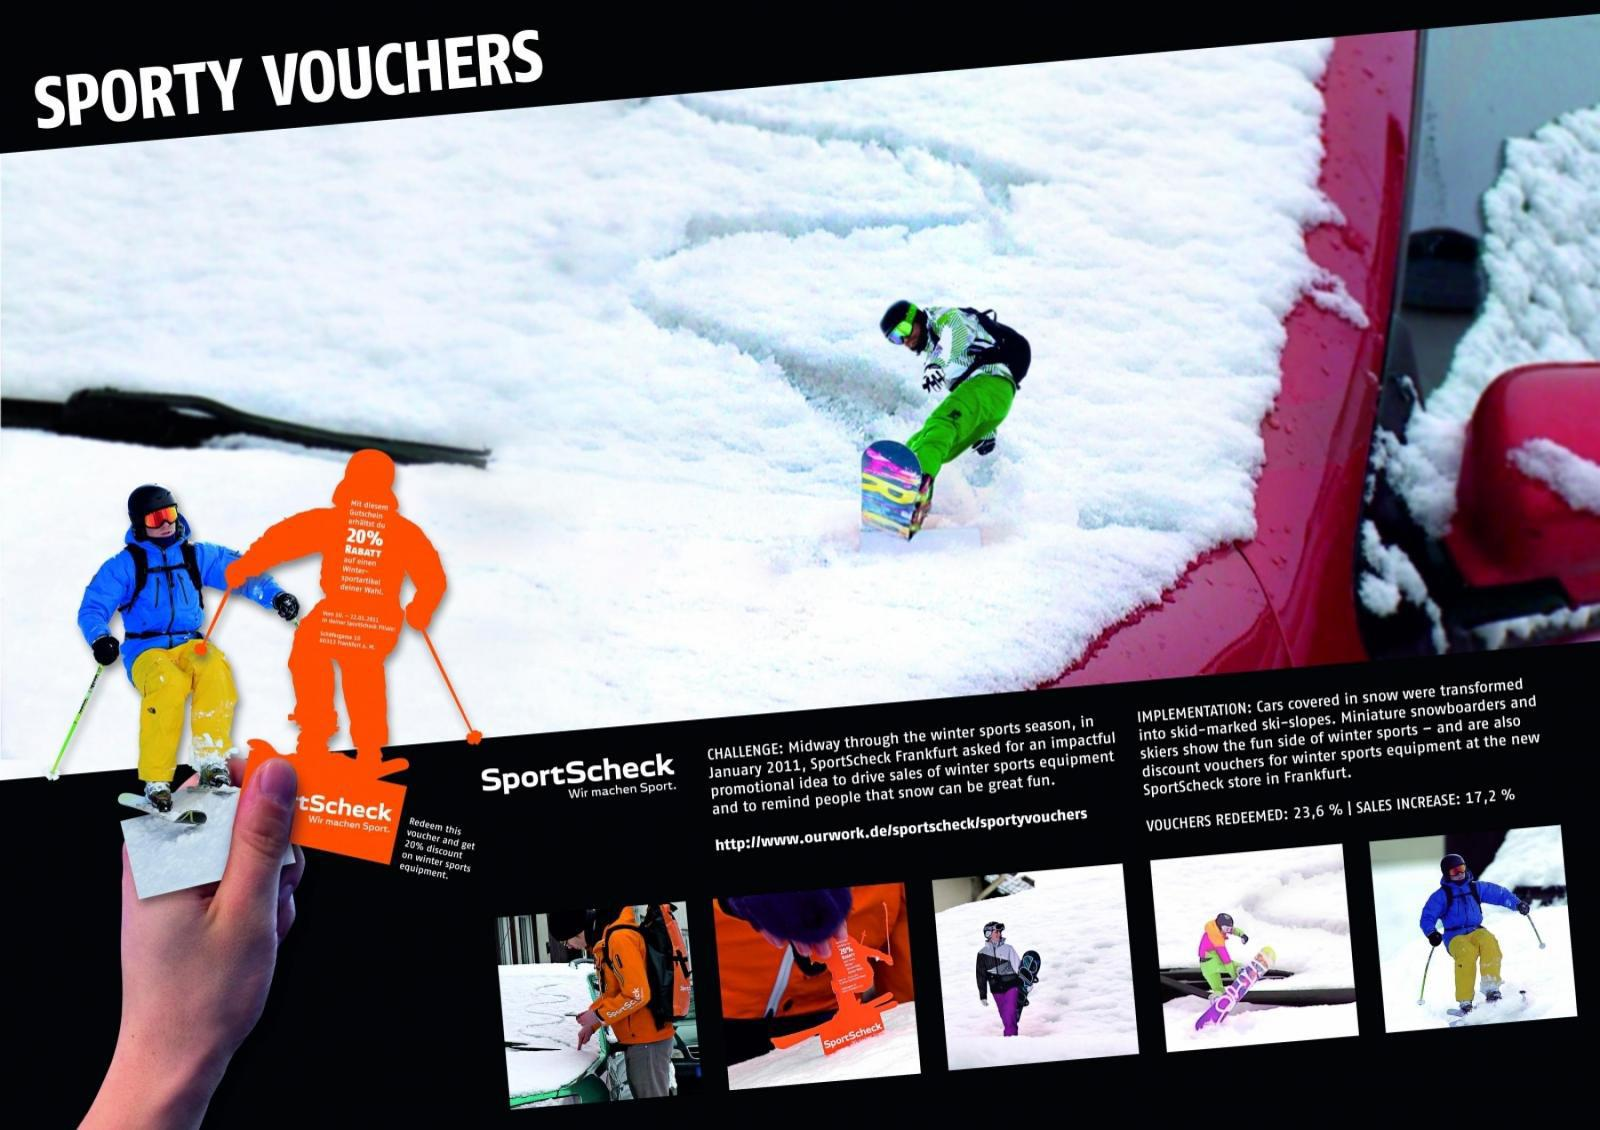 SportsCheck Ambient Ad -  Sporty Vouchers